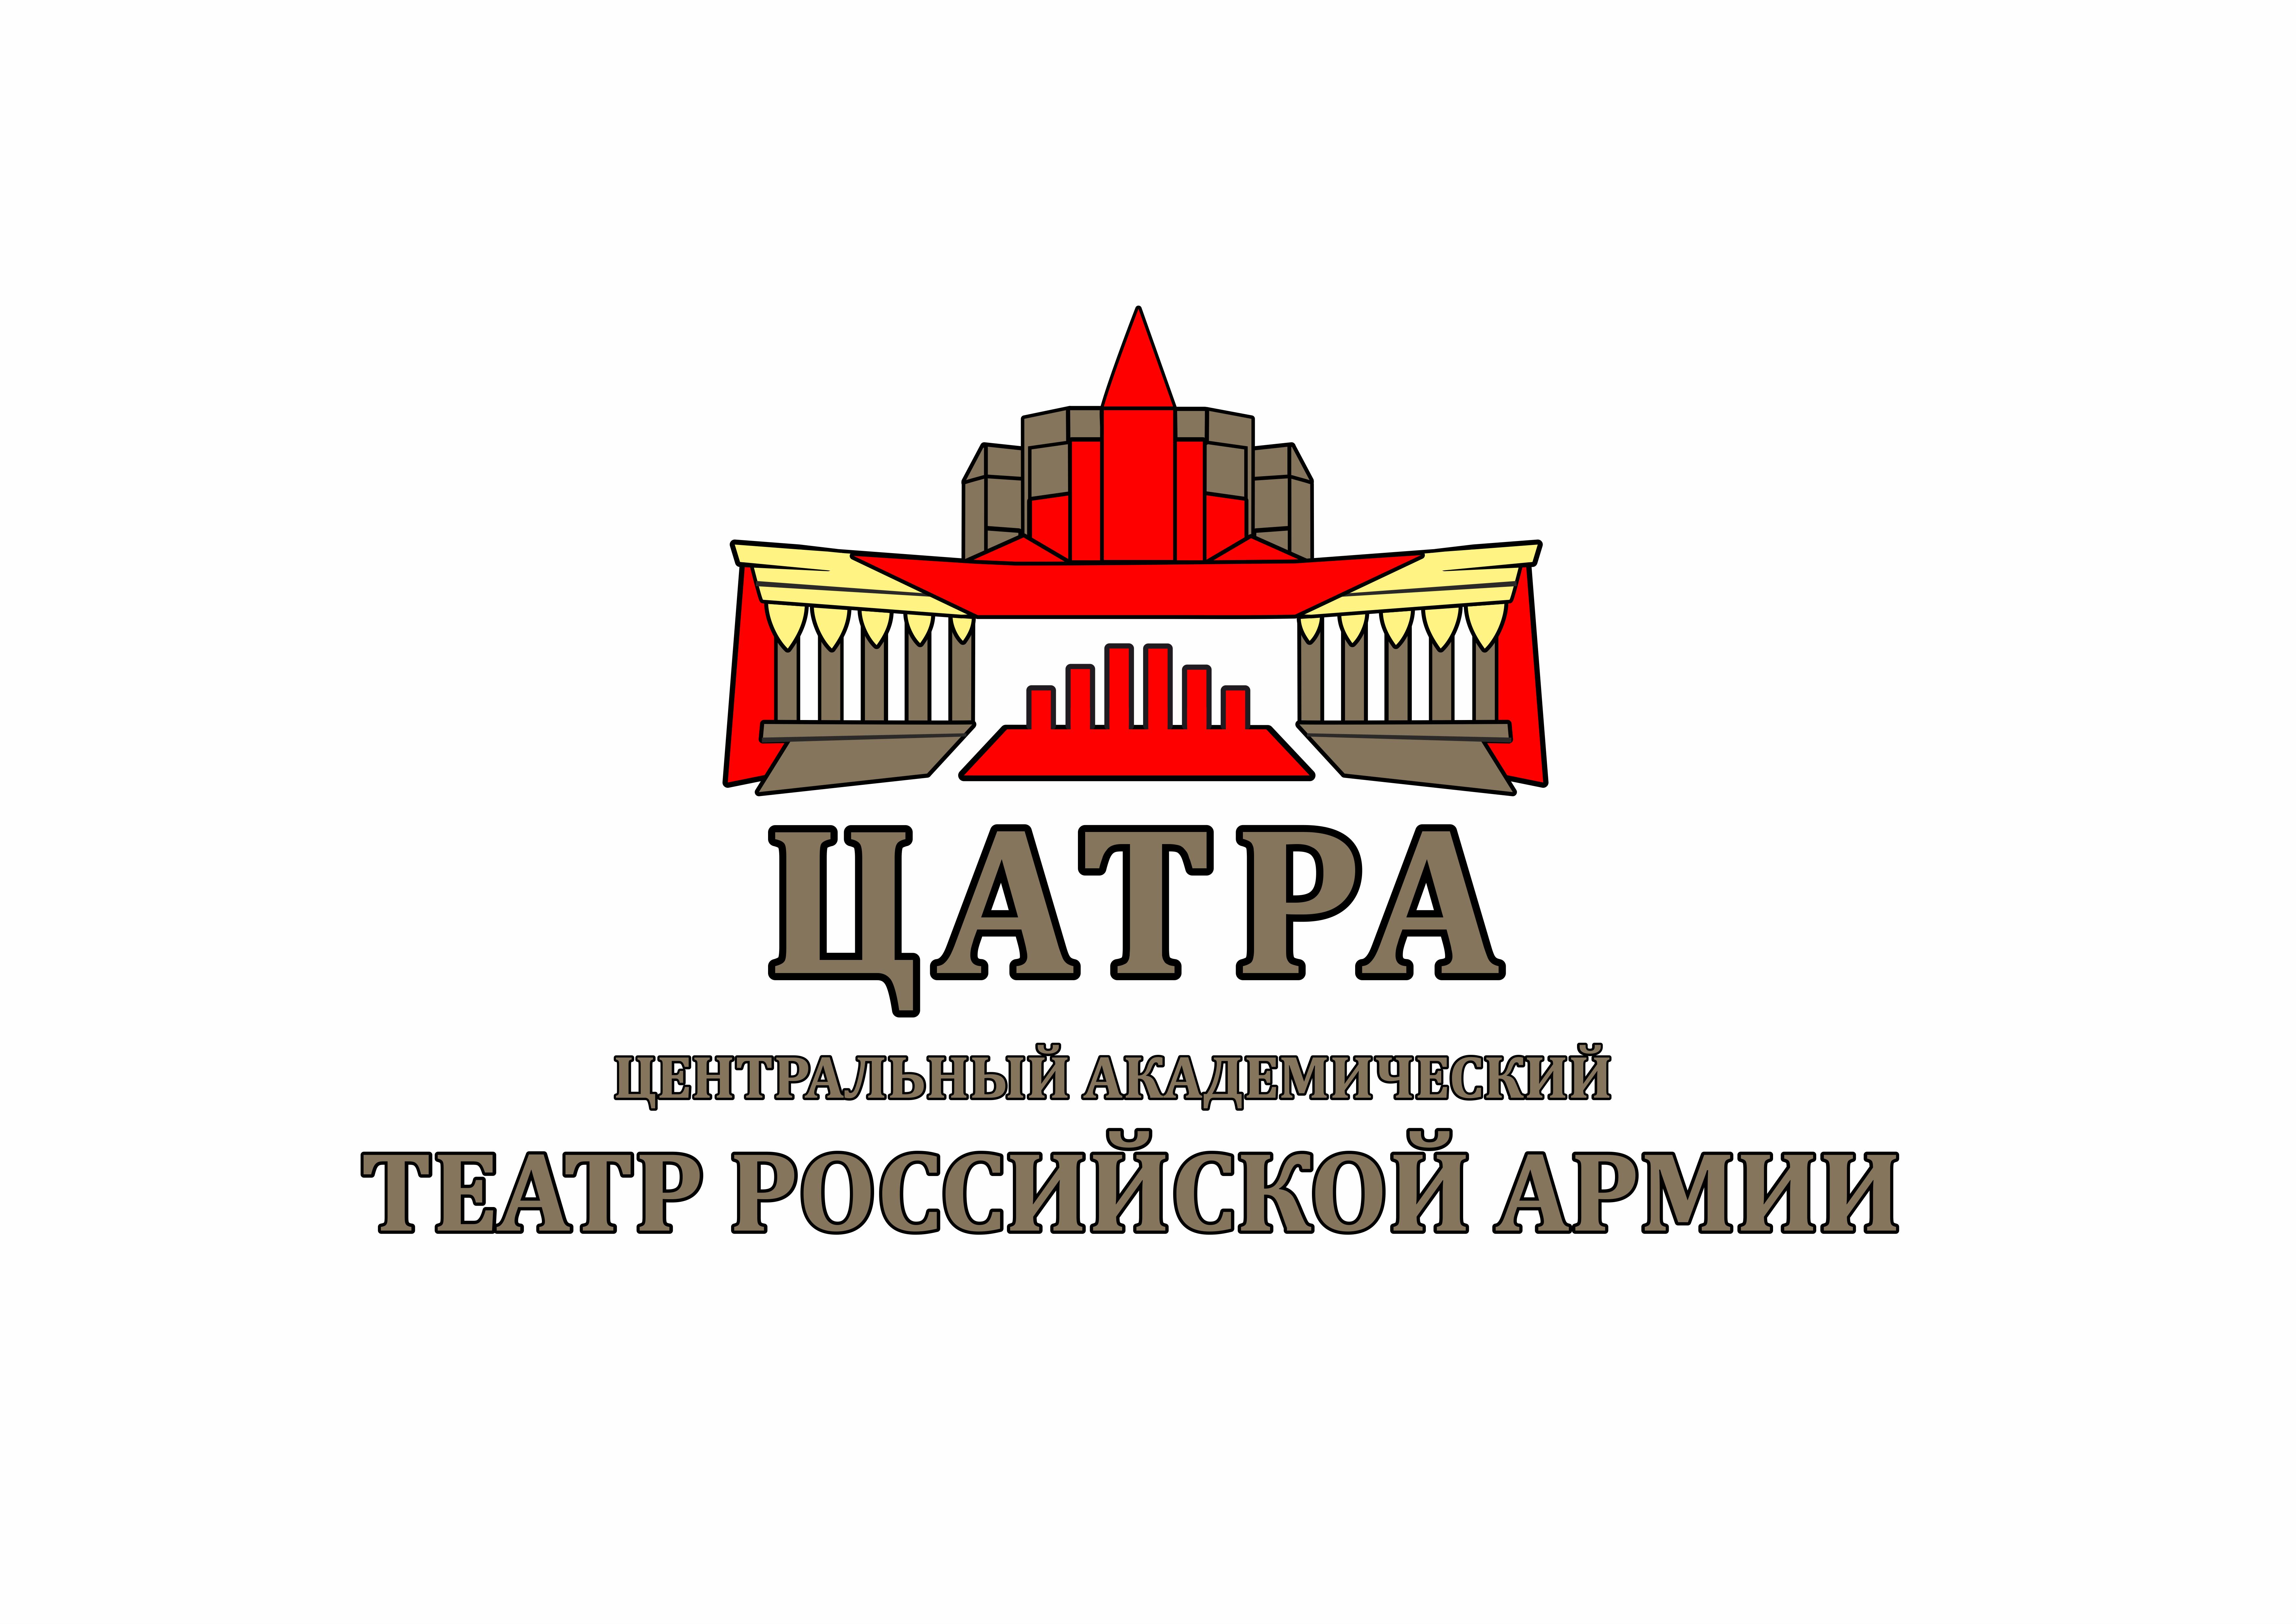 Разработка логотипа для Театра Российской Армии фото f_338588a37fe4650e.png